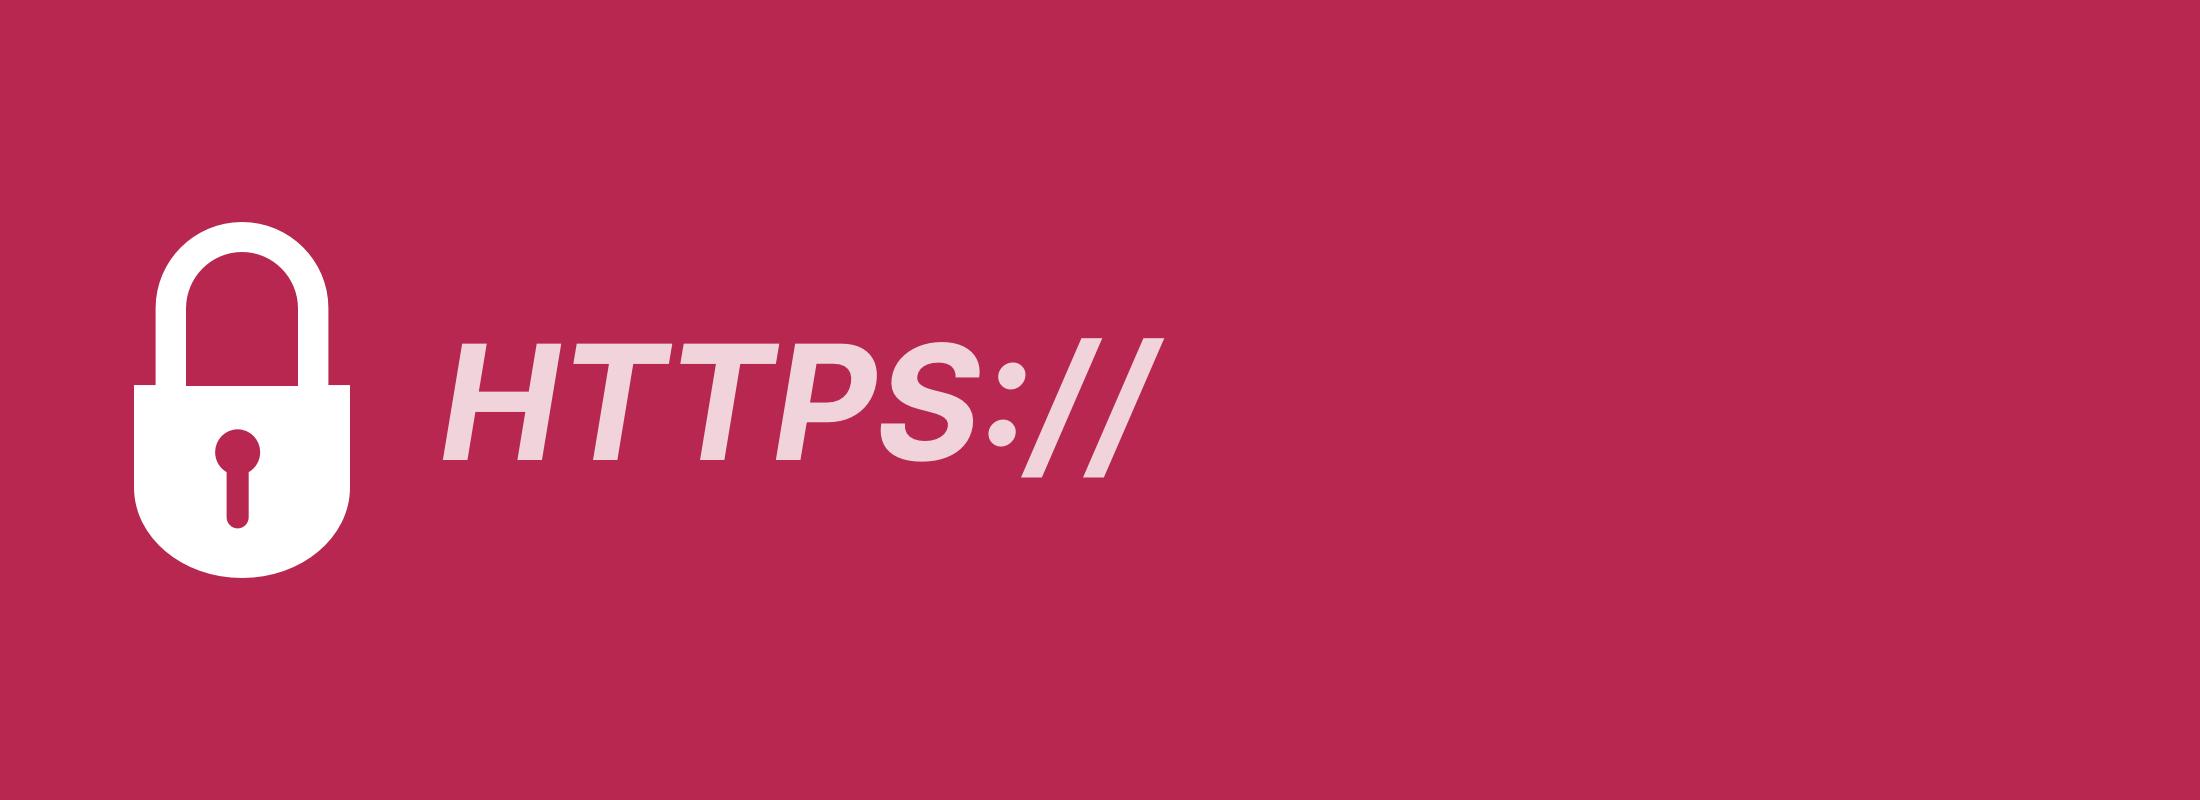 Header Image Upgrading the API TLS minumum version to TLSv1.2